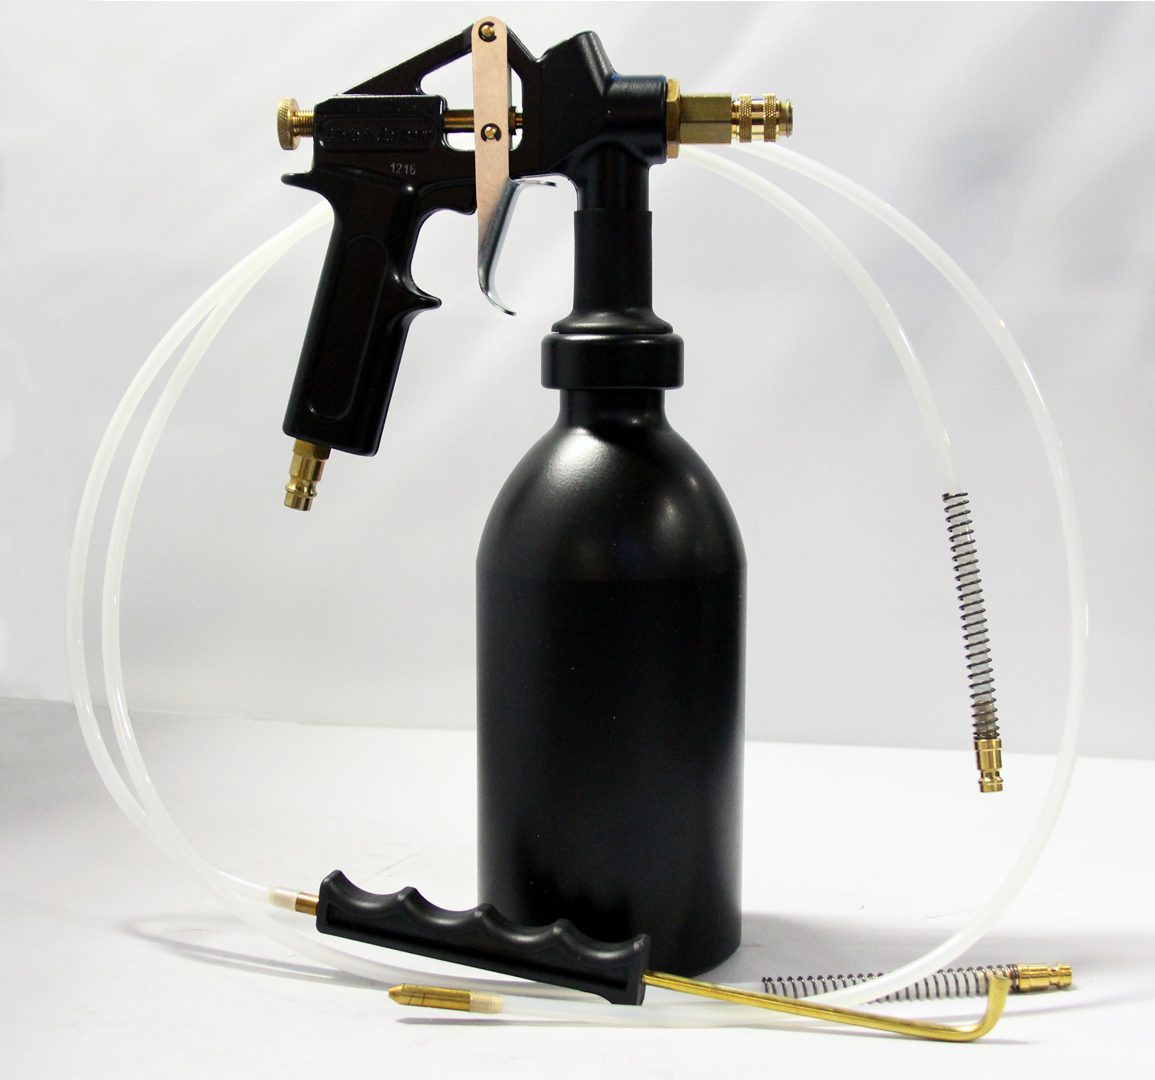 VAUPEL HSDR 3300 Persreservoirpistool (compleet)